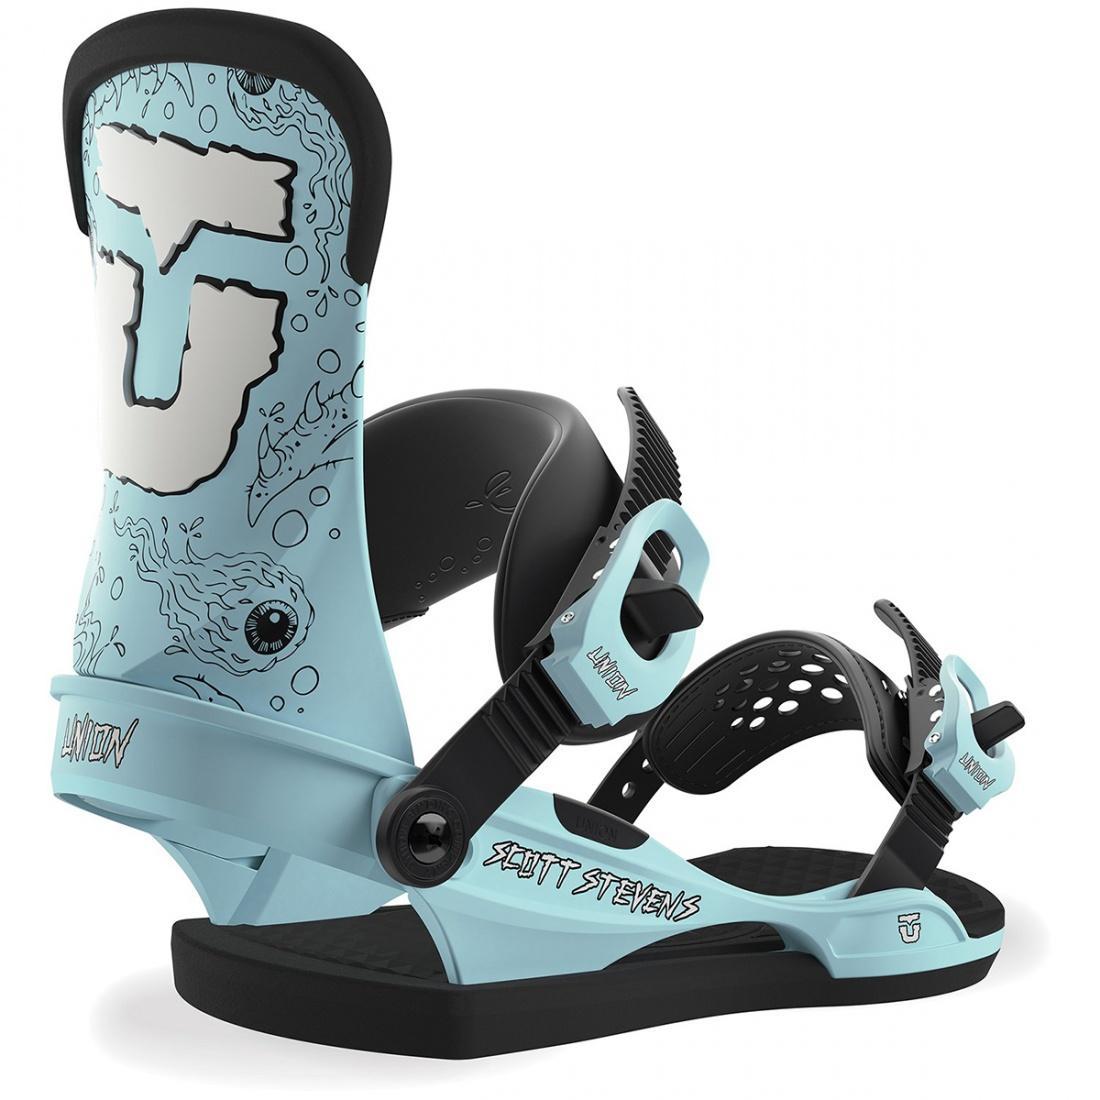 Крепления для сноуборда Union Scott Stevens купить в Boardshop №1